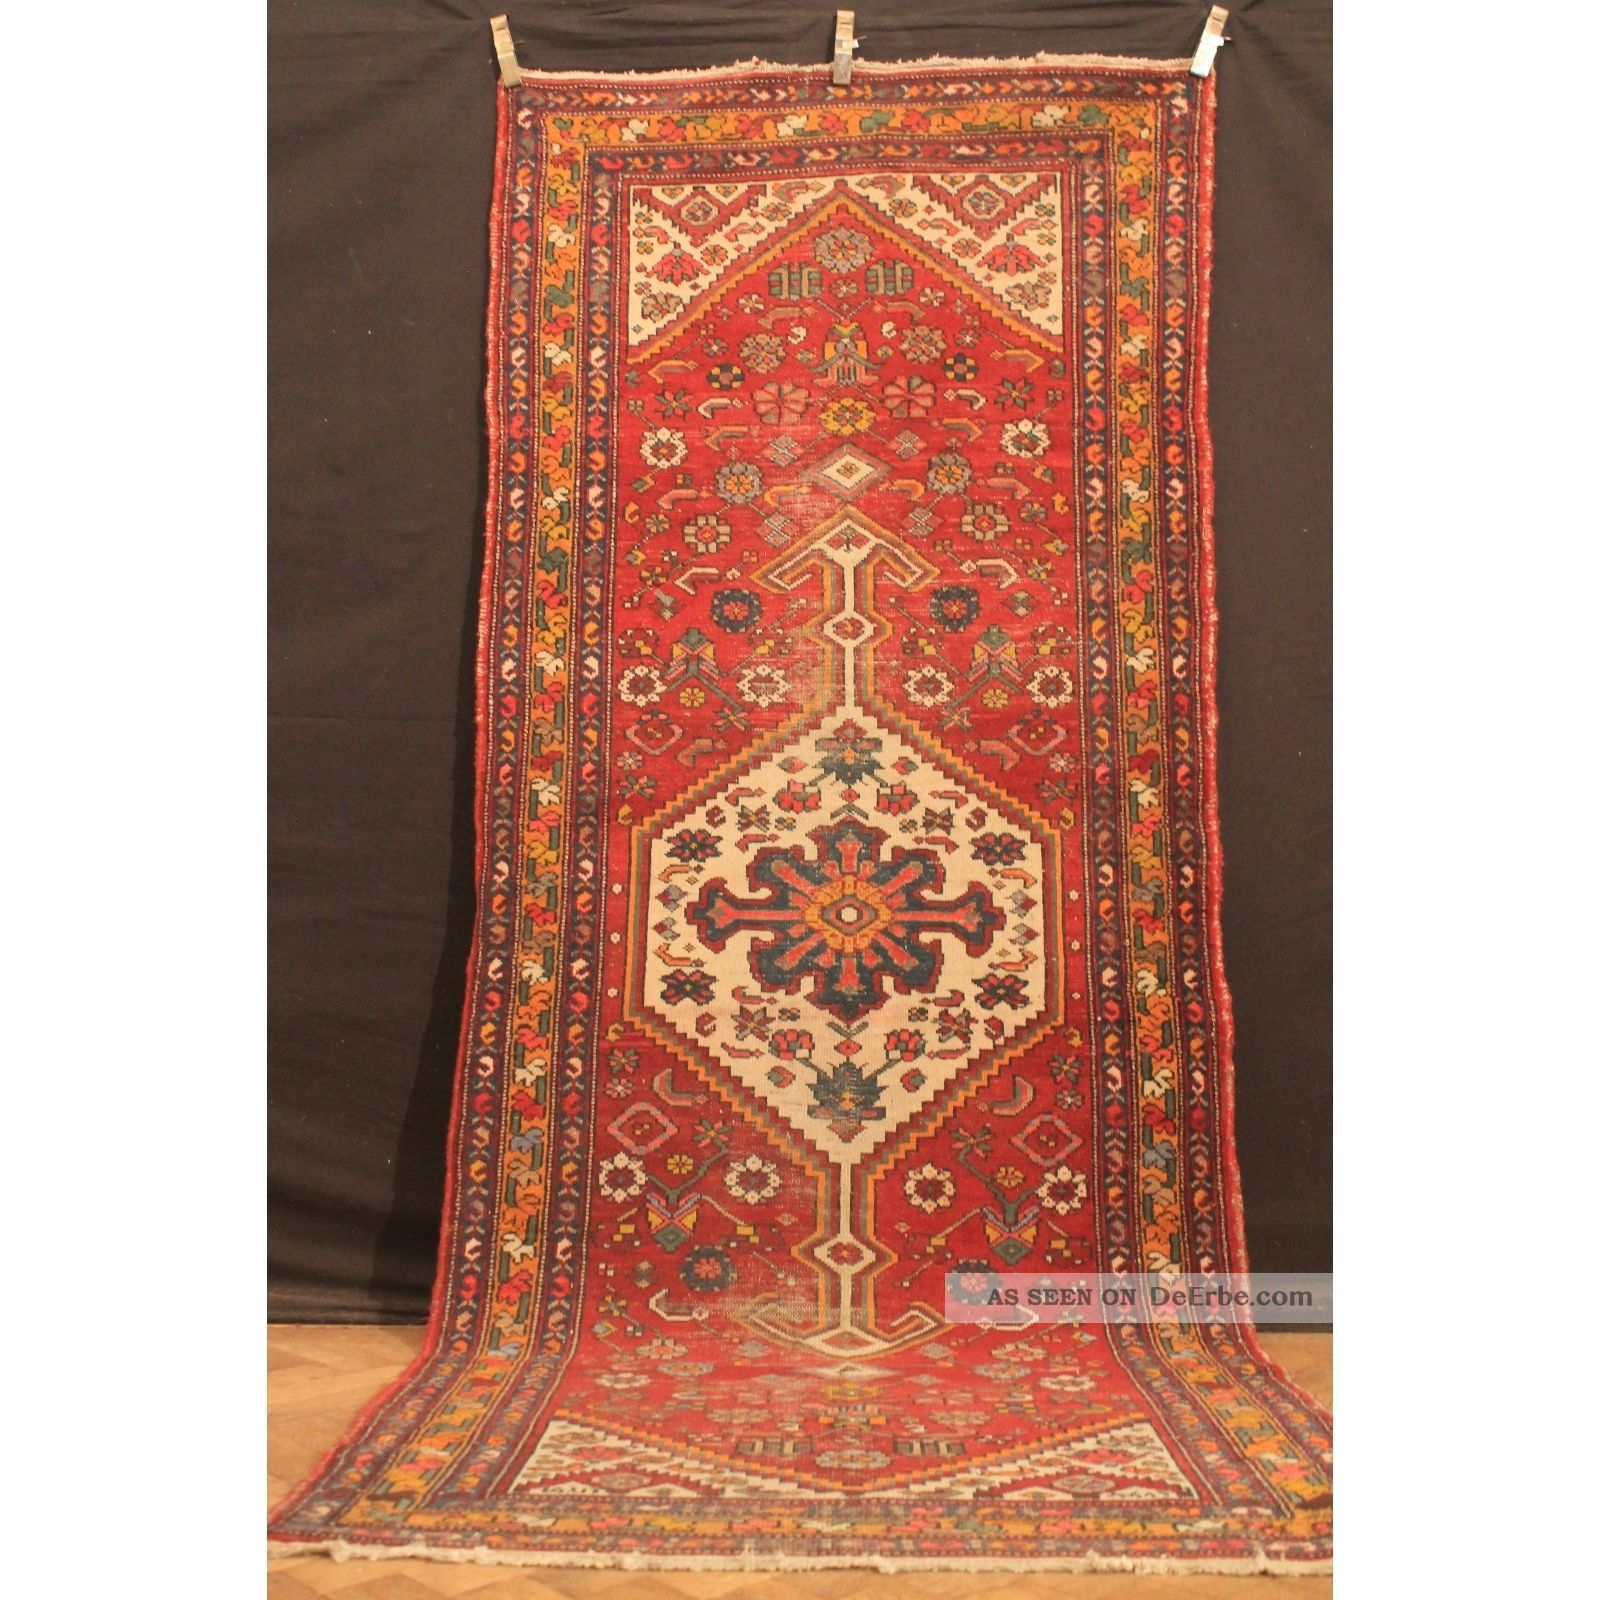 Alt Handgeknüpfter Orient Teppich Malaya Heris Old Rug Carpet Tappeto 310x126cm Teppiche & Flachgewebe Bild